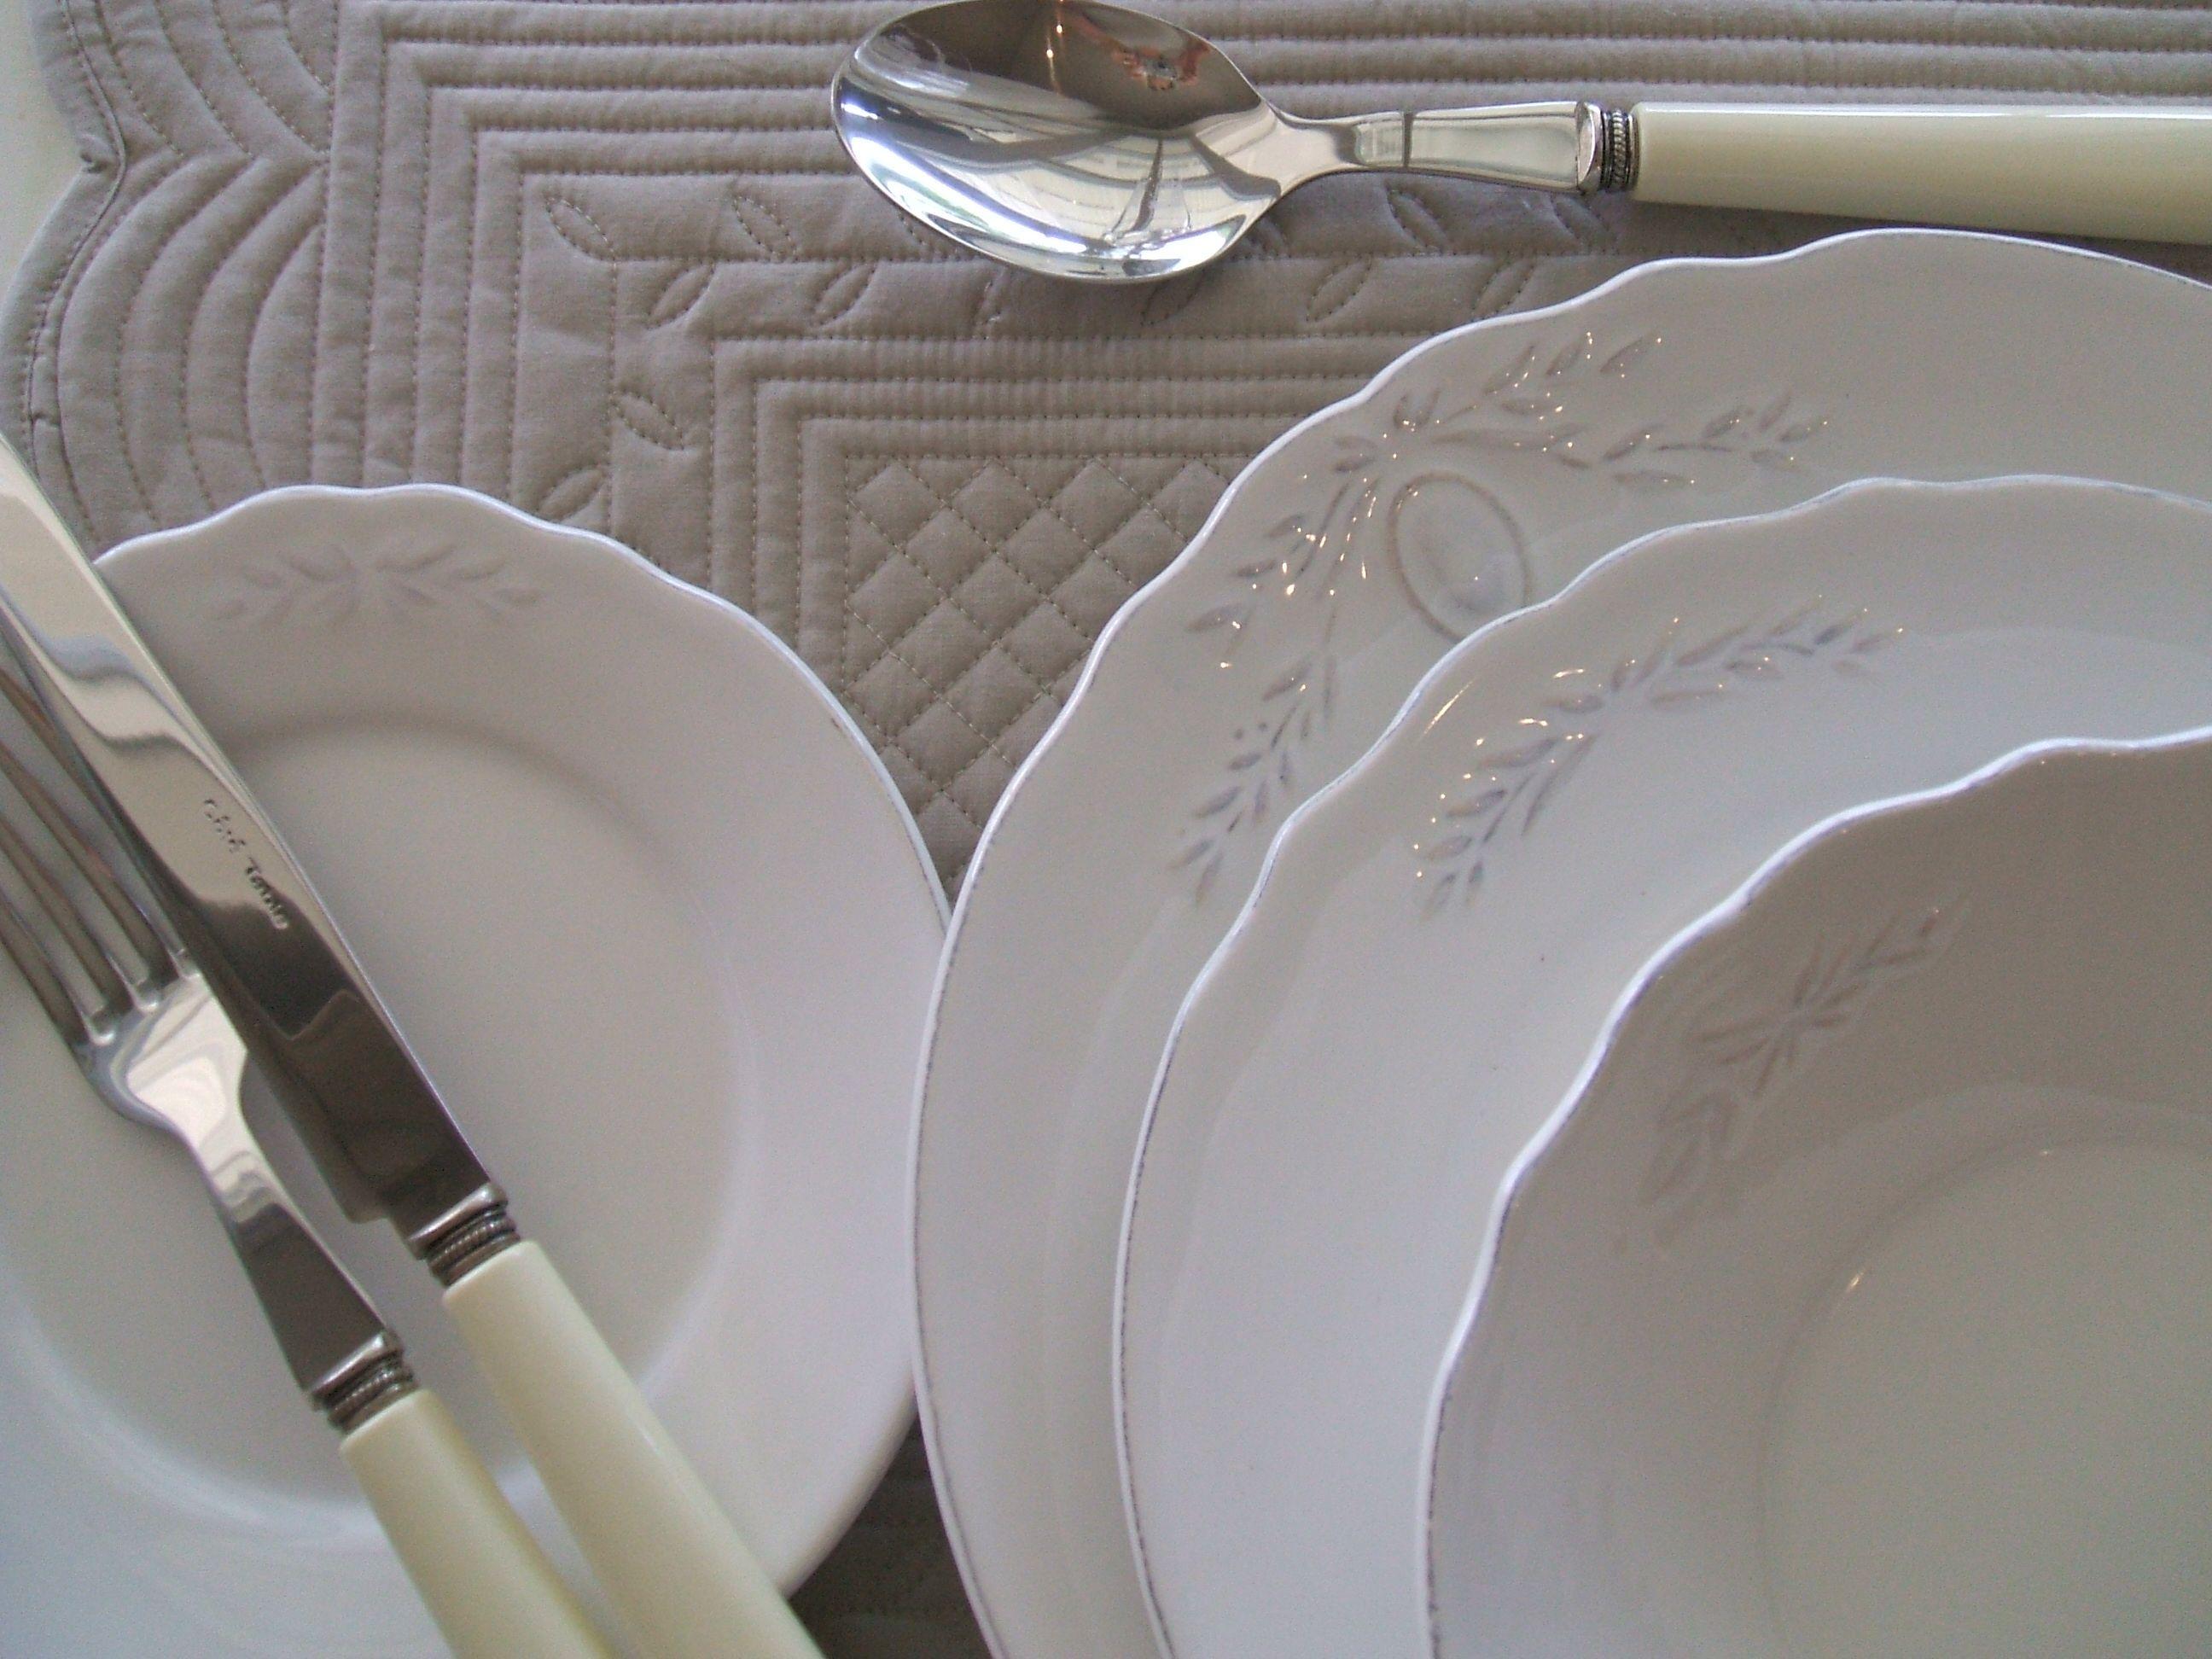 Classic French White Dinnerware